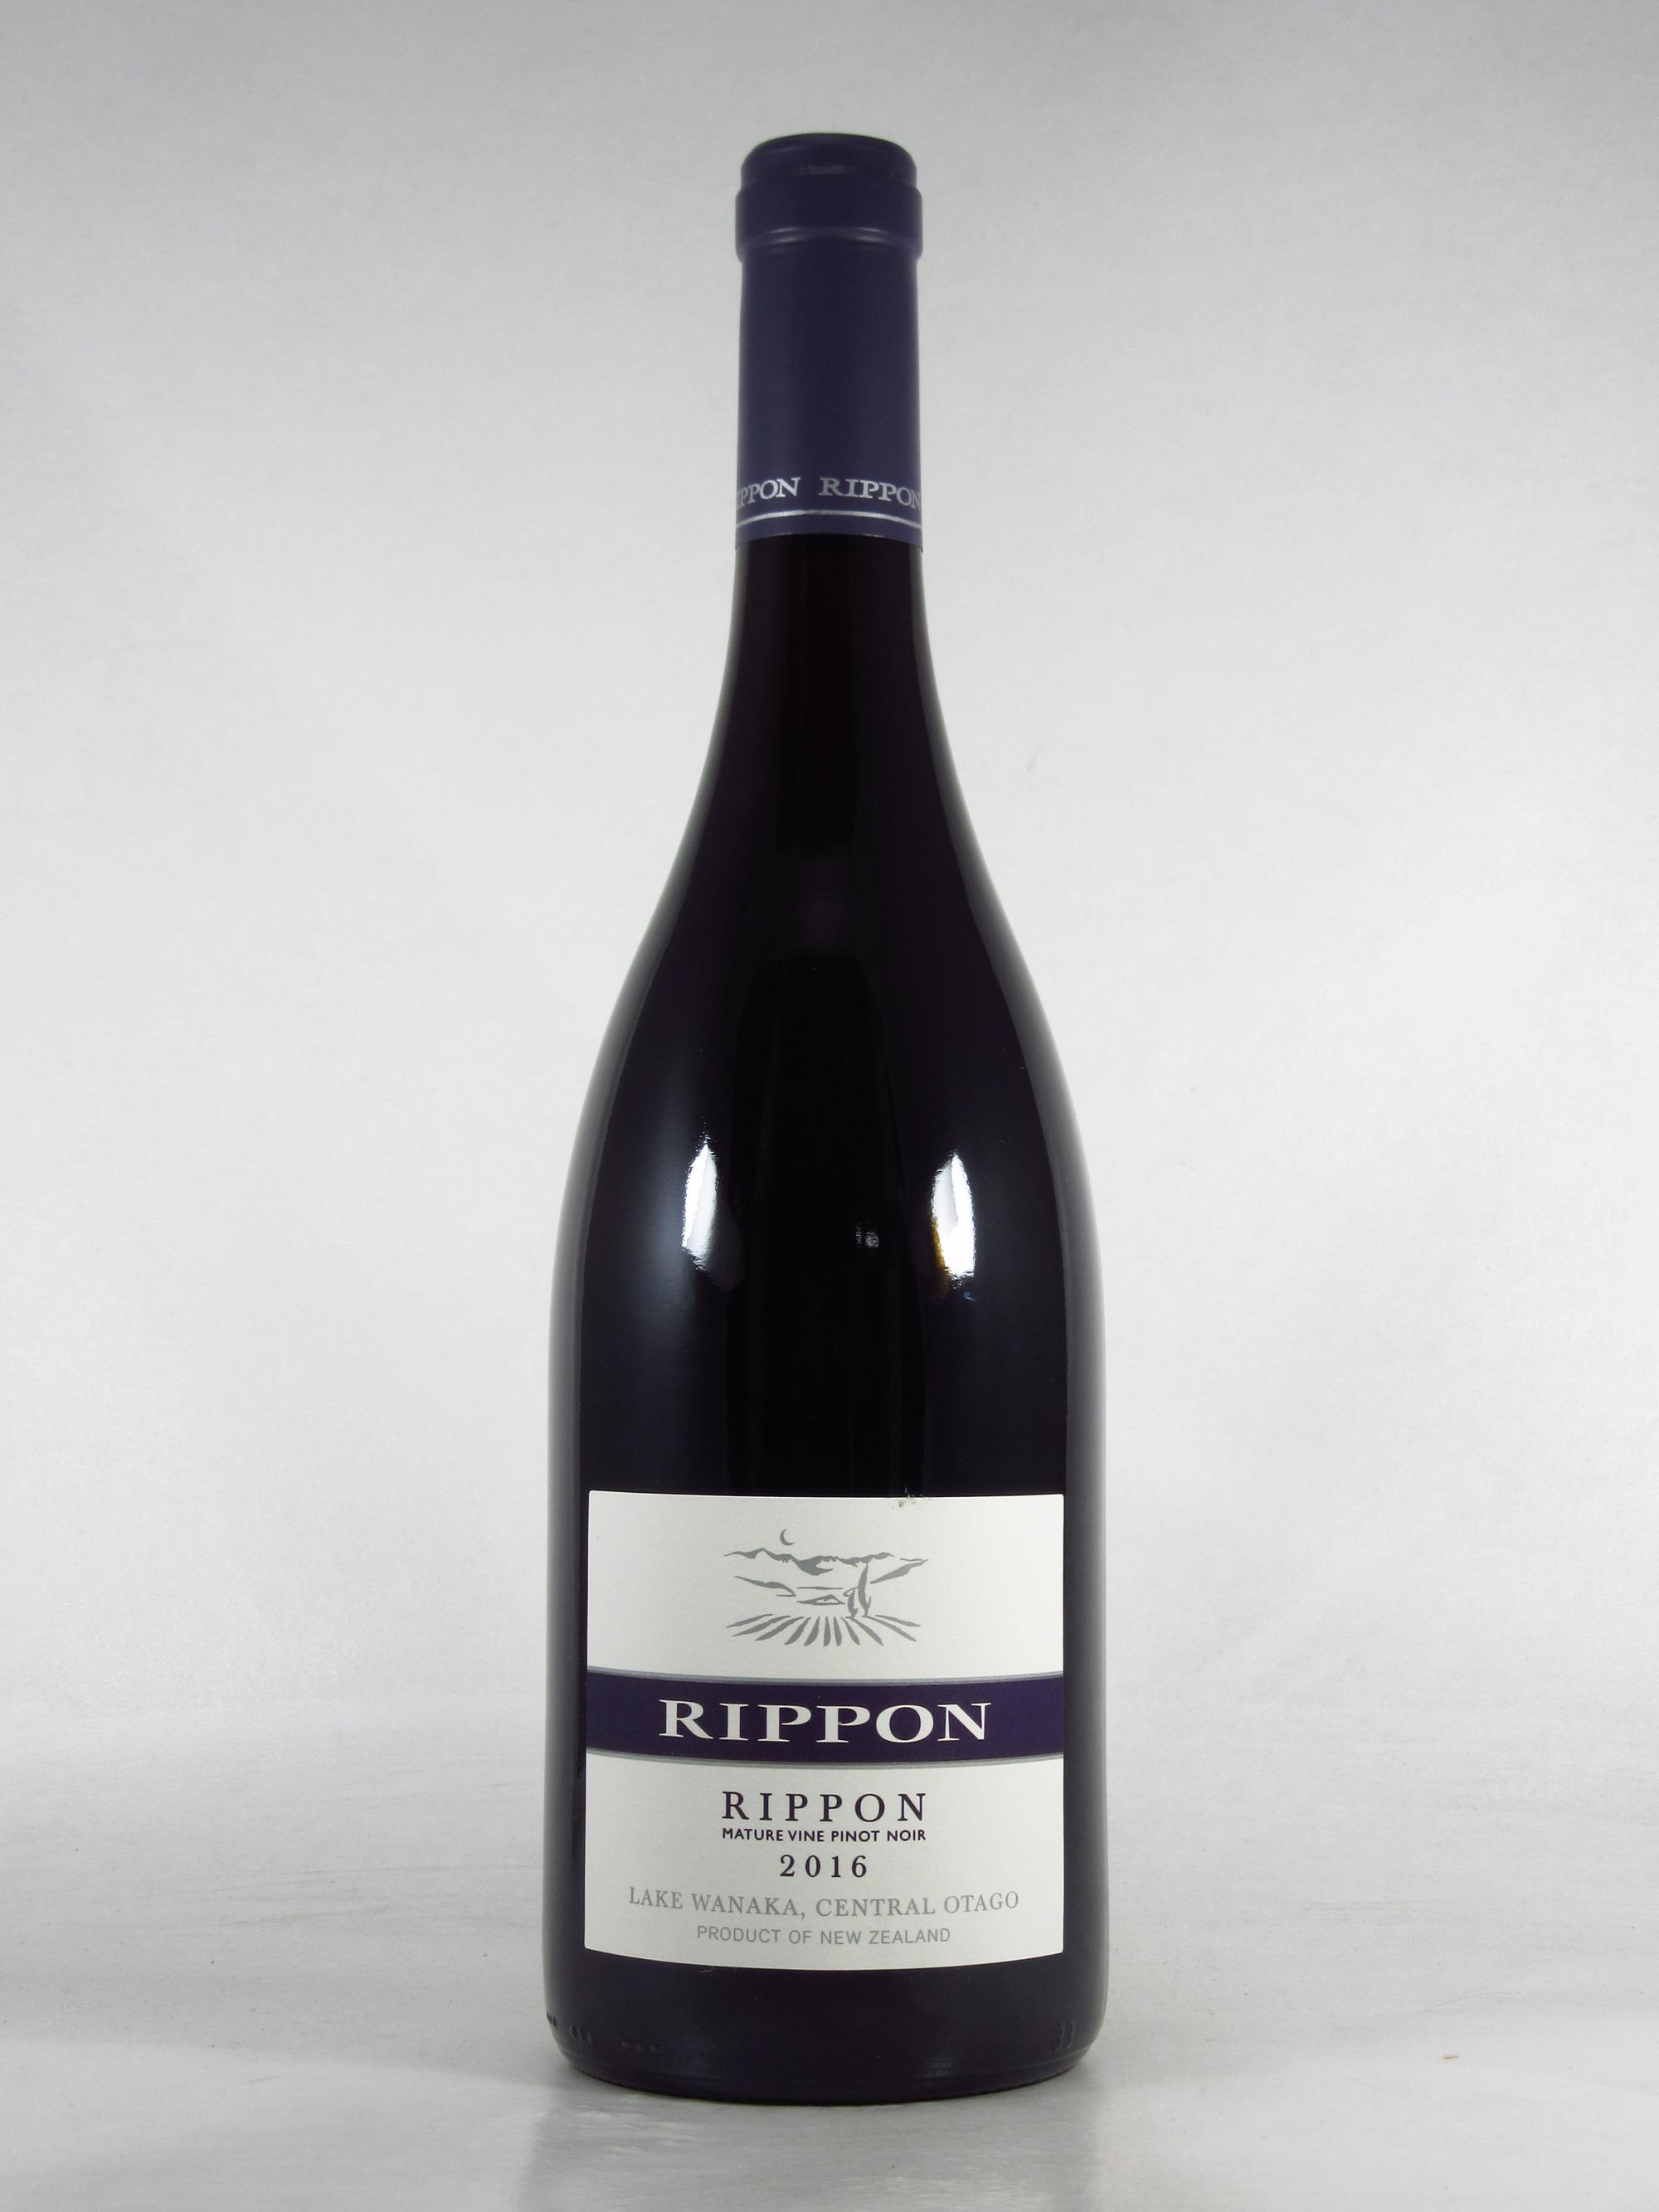 """「リッポン """"リッポン"""" マチュア ヴァイン ピノ・ノワール」750ml \5,700 ピノ・ノワール100%。「リッポン」のシグネチャーワイン。豊かな果実味とピュアな酸味。1973年に植えられたブドウで造られるワインは、奥行きがあり、エレガント。2010年には『ワインスペクテイター』において「ニュージー・ピノ・オブ・ザ・イヤー」に選ばれた。"""